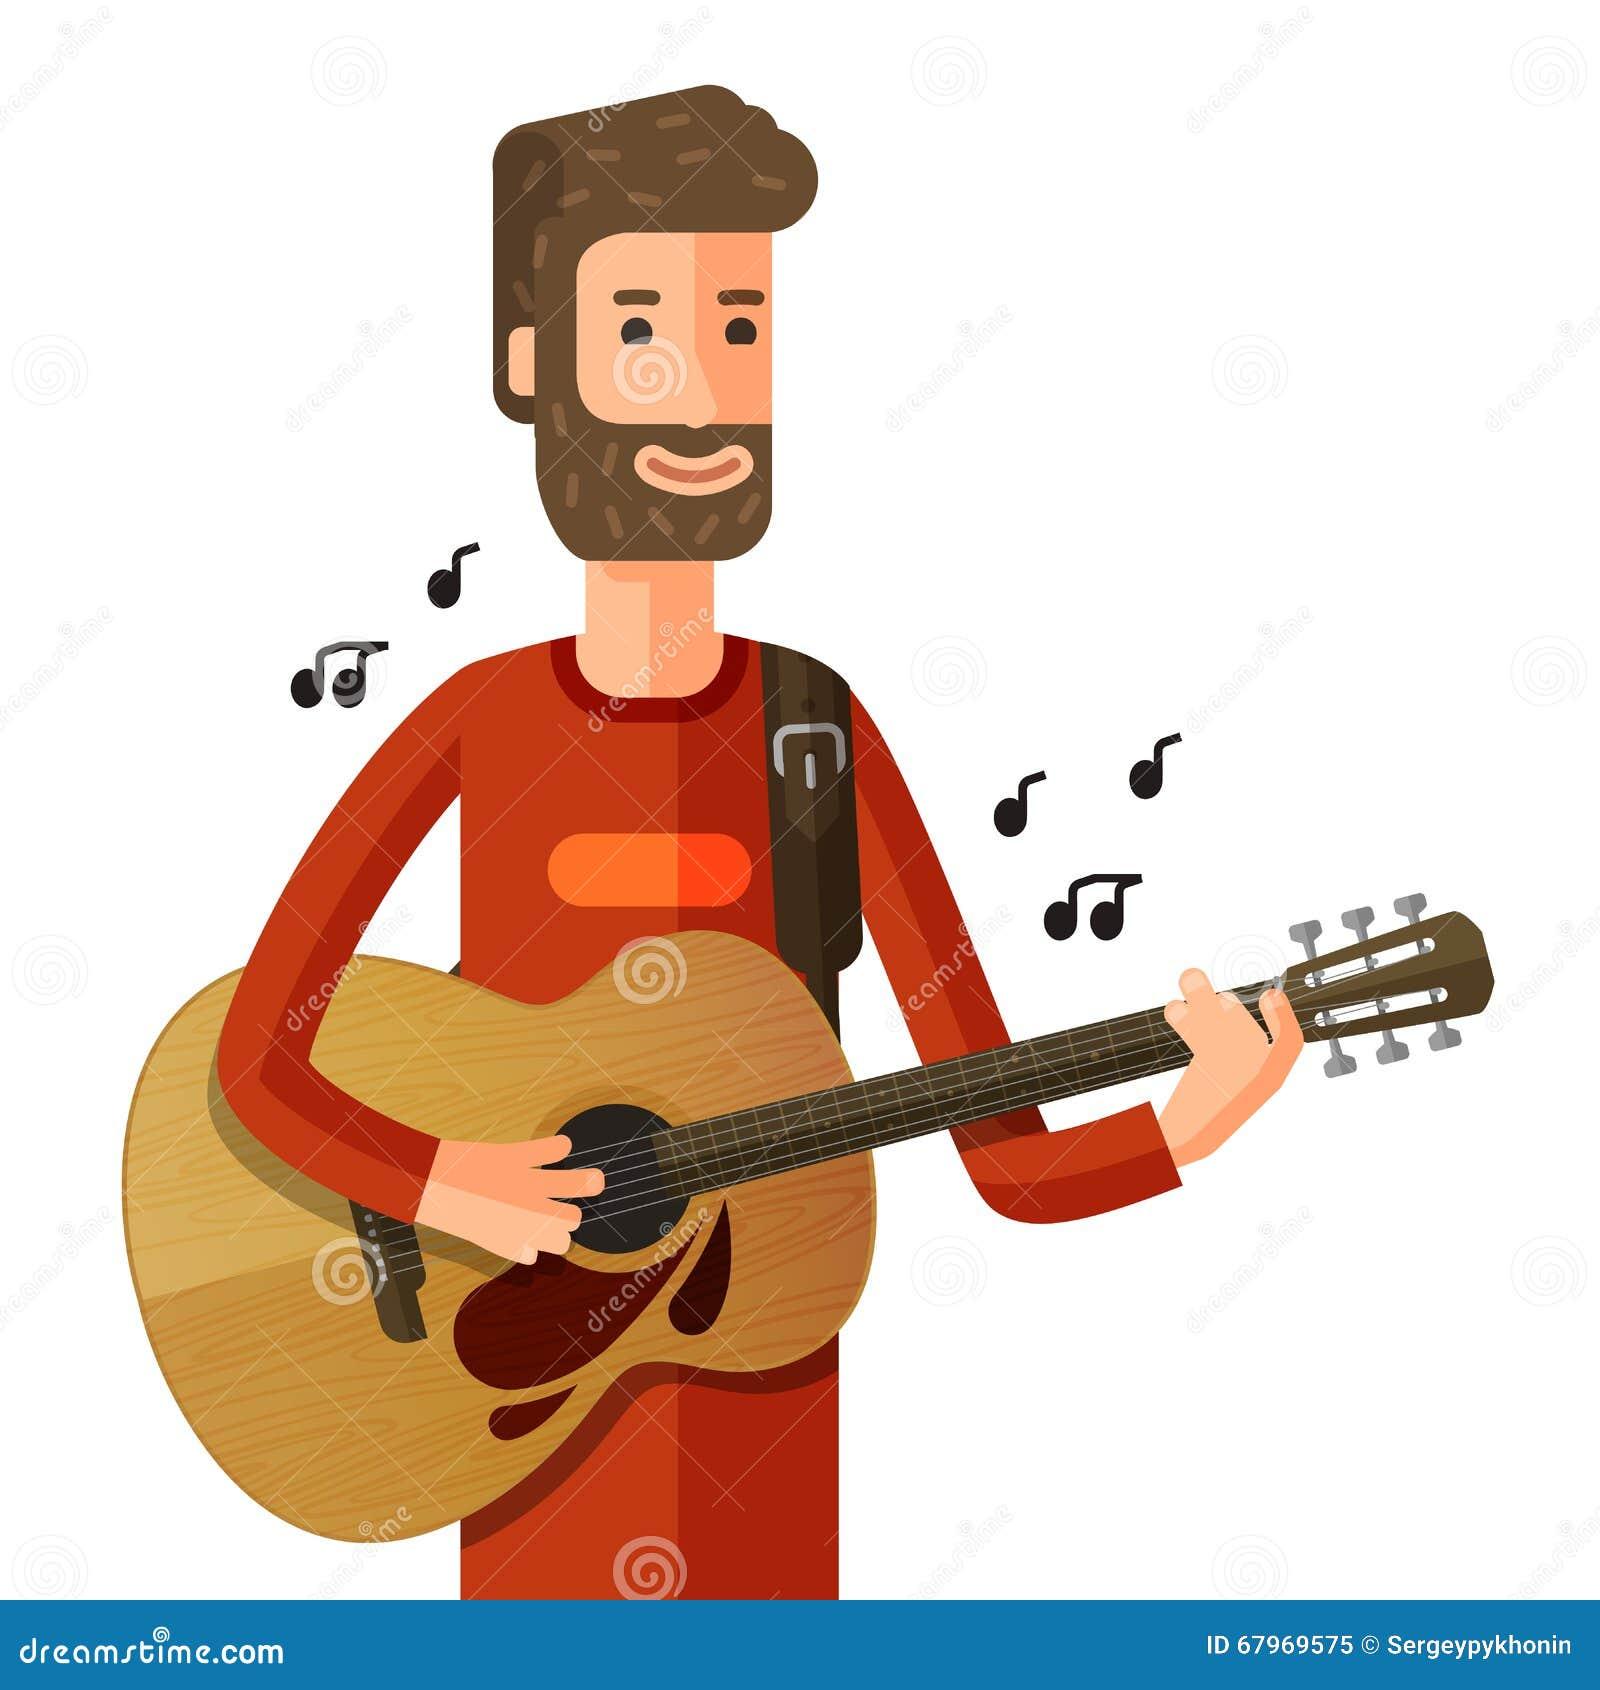 5 basic guitar